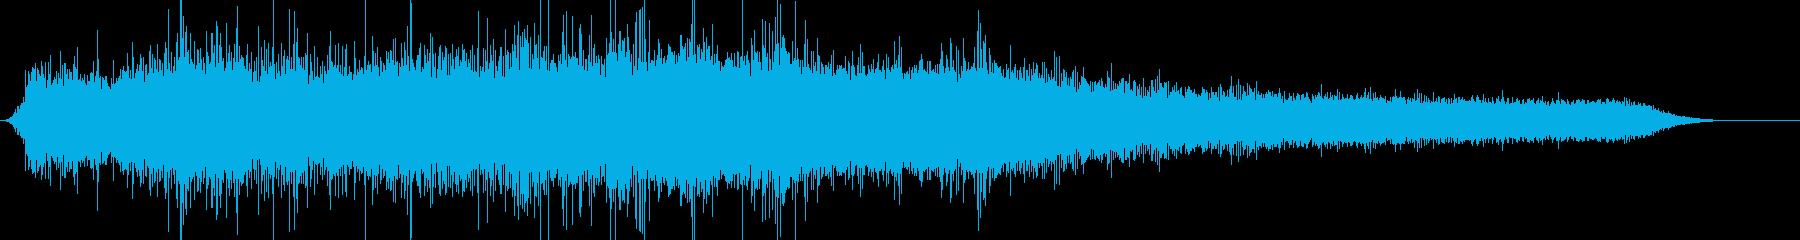 ベル212:インテリア:ホバー、ラ...の再生済みの波形